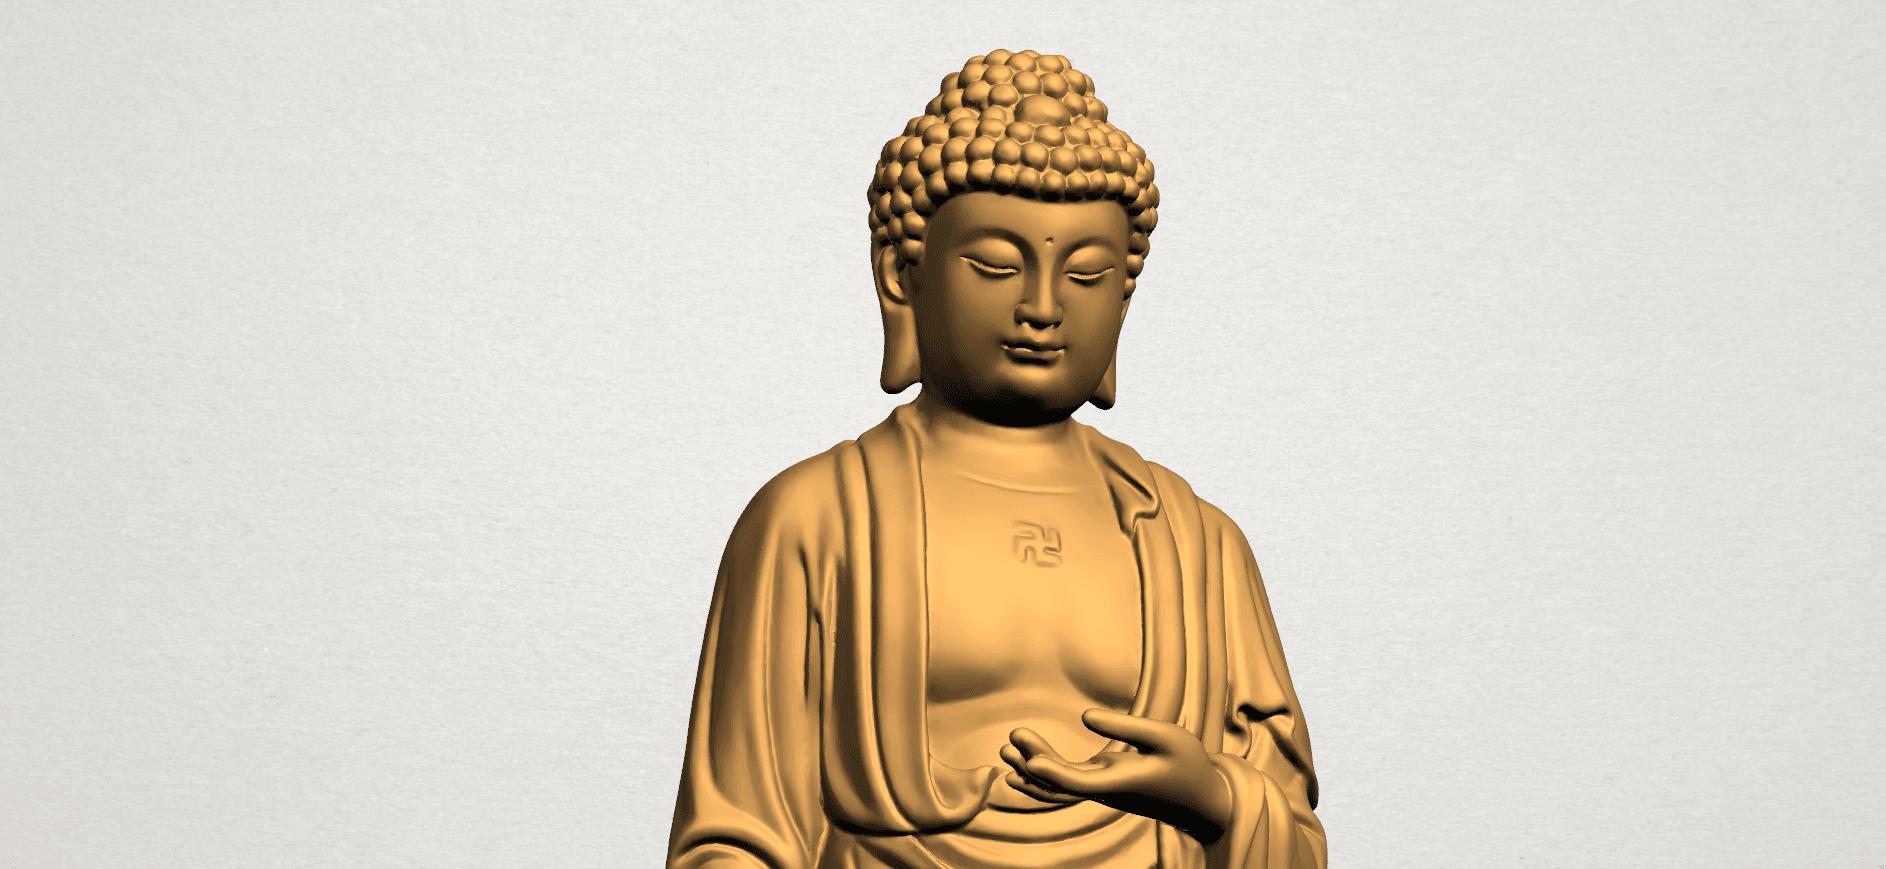 Gautama Buddha (stand)-80mm-A02.png Télécharger fichier STL gratuit Gautama Bouddha - Debout 01 • Plan pour impression 3D, GeorgesNikkei